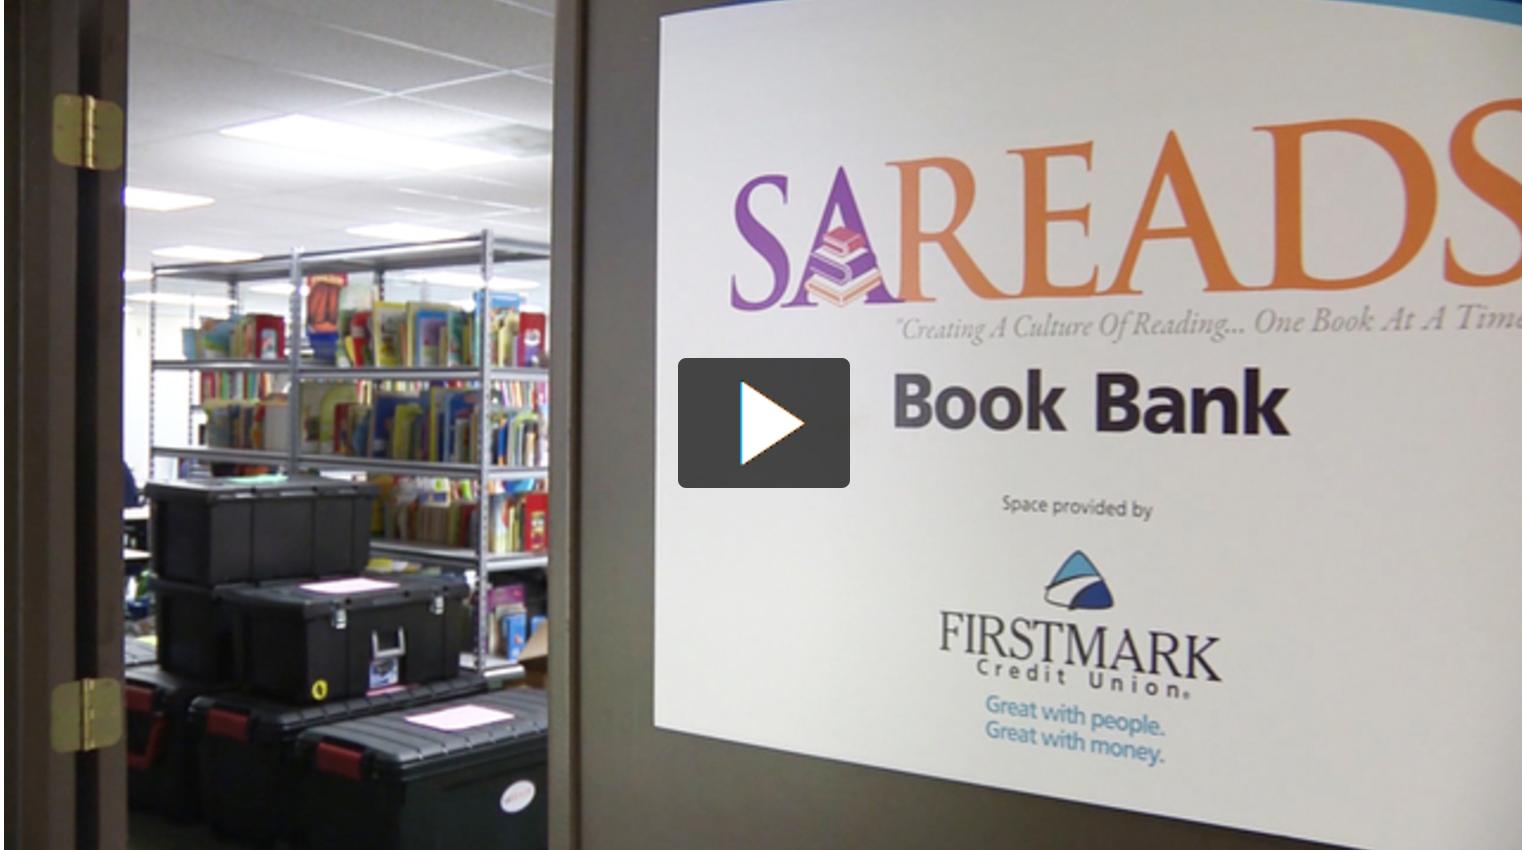 SAReads Summer Book Drive Helps Ease Financial Burden for Teachers - KSAT 12, August 2017